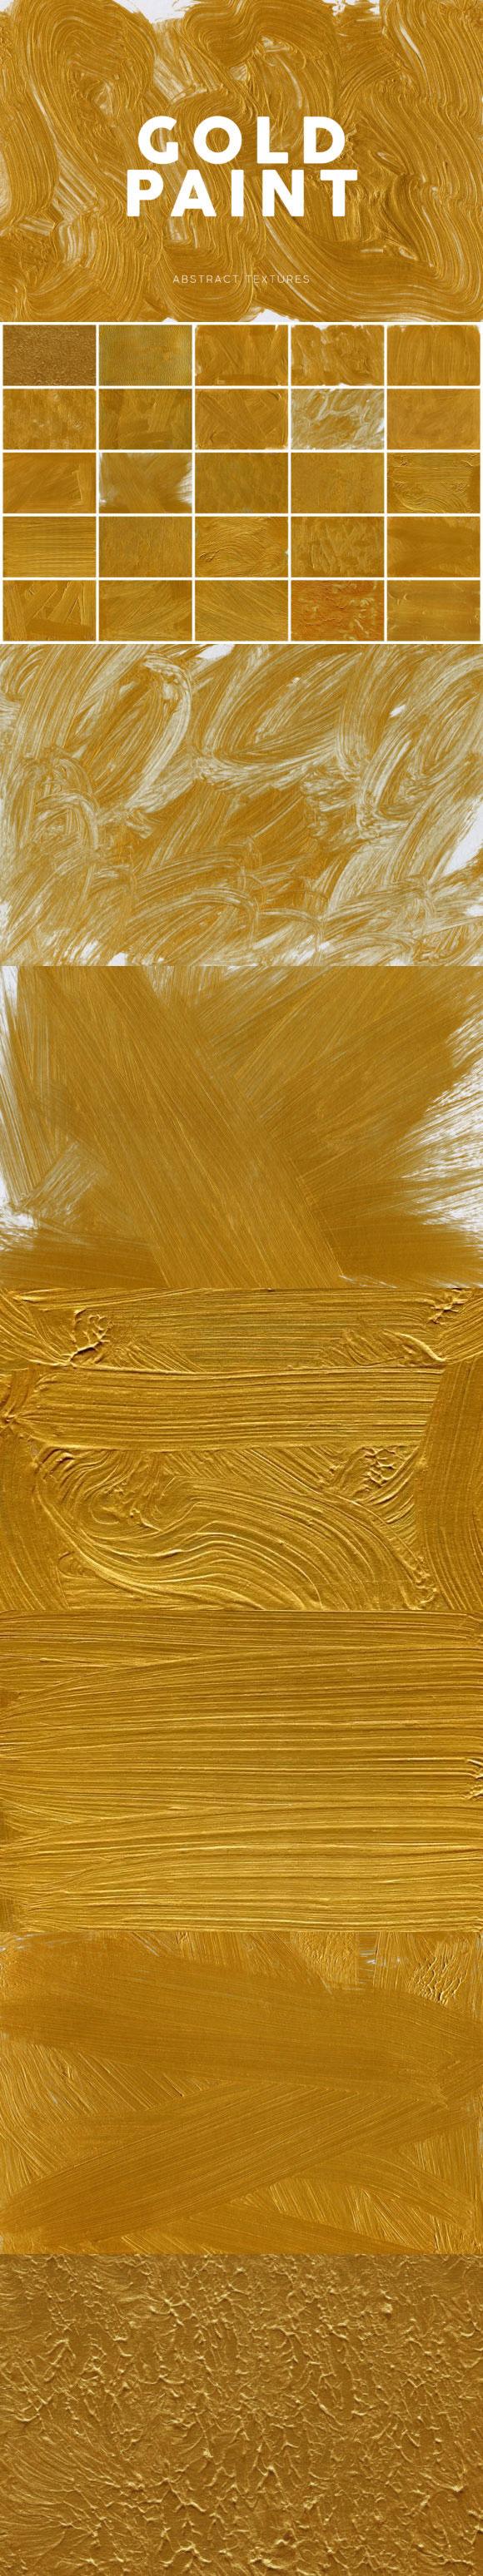 手绘金色油漆纹理背景